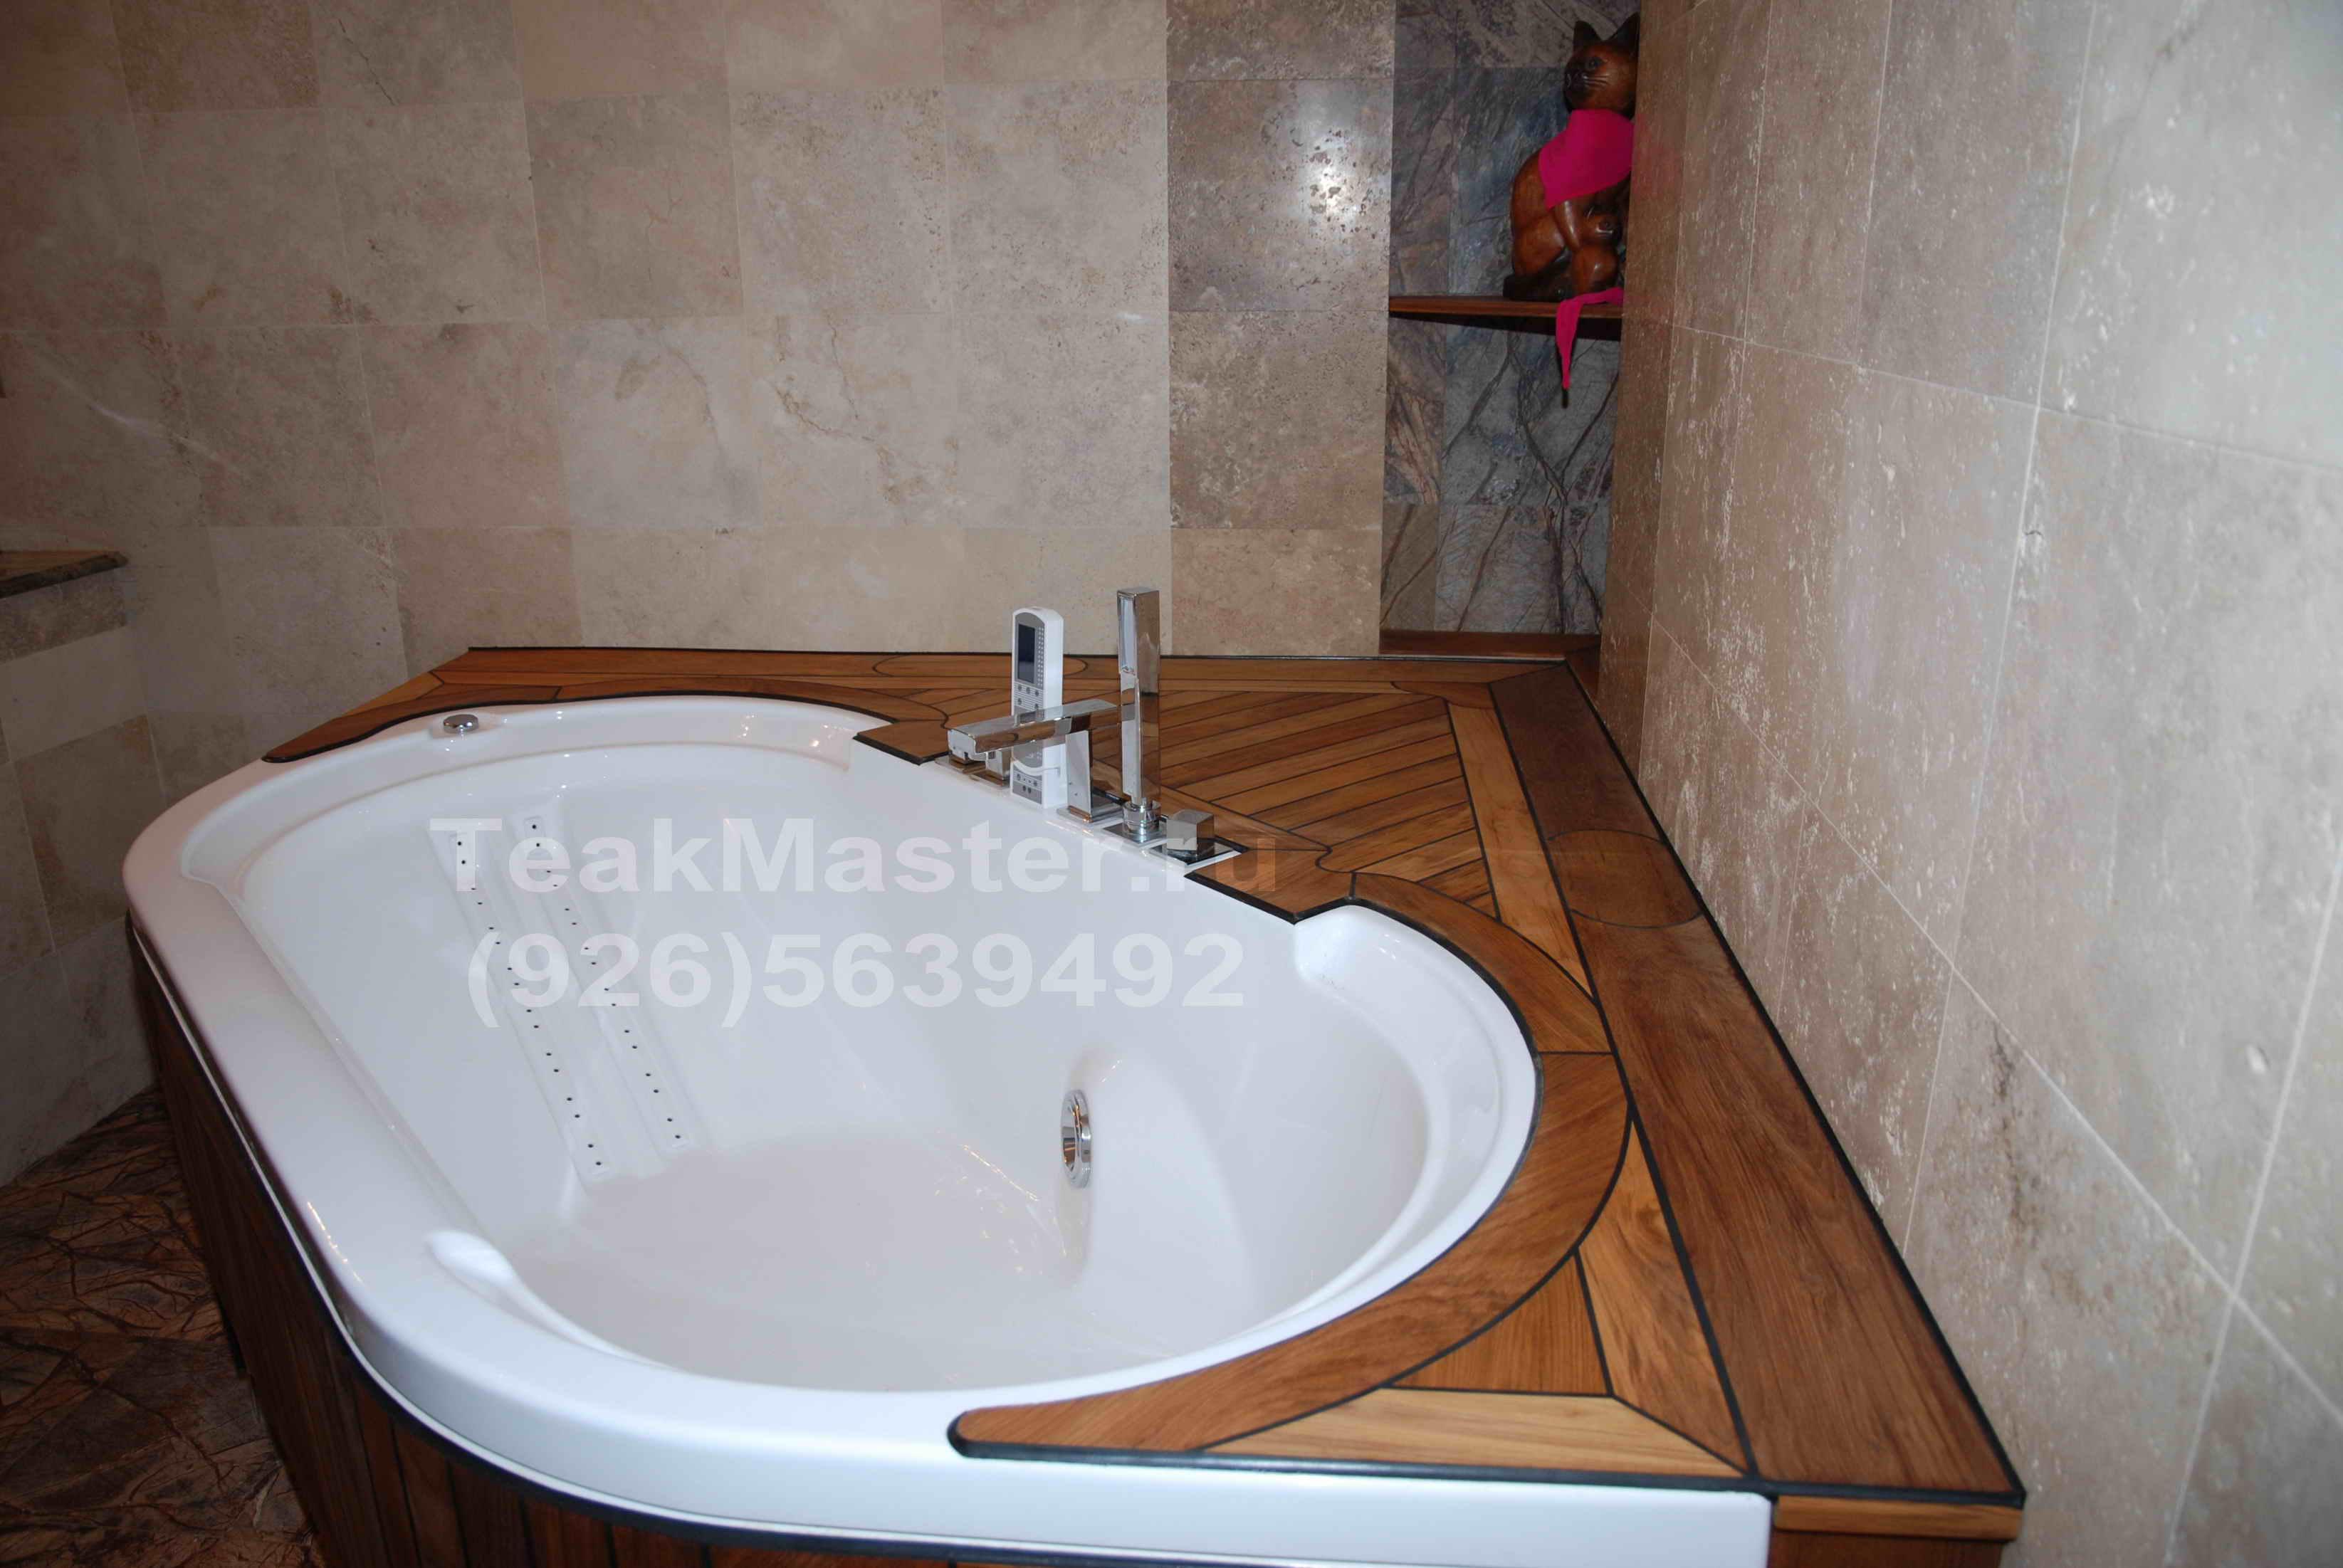 Сестра в туалете фото 12 фотография